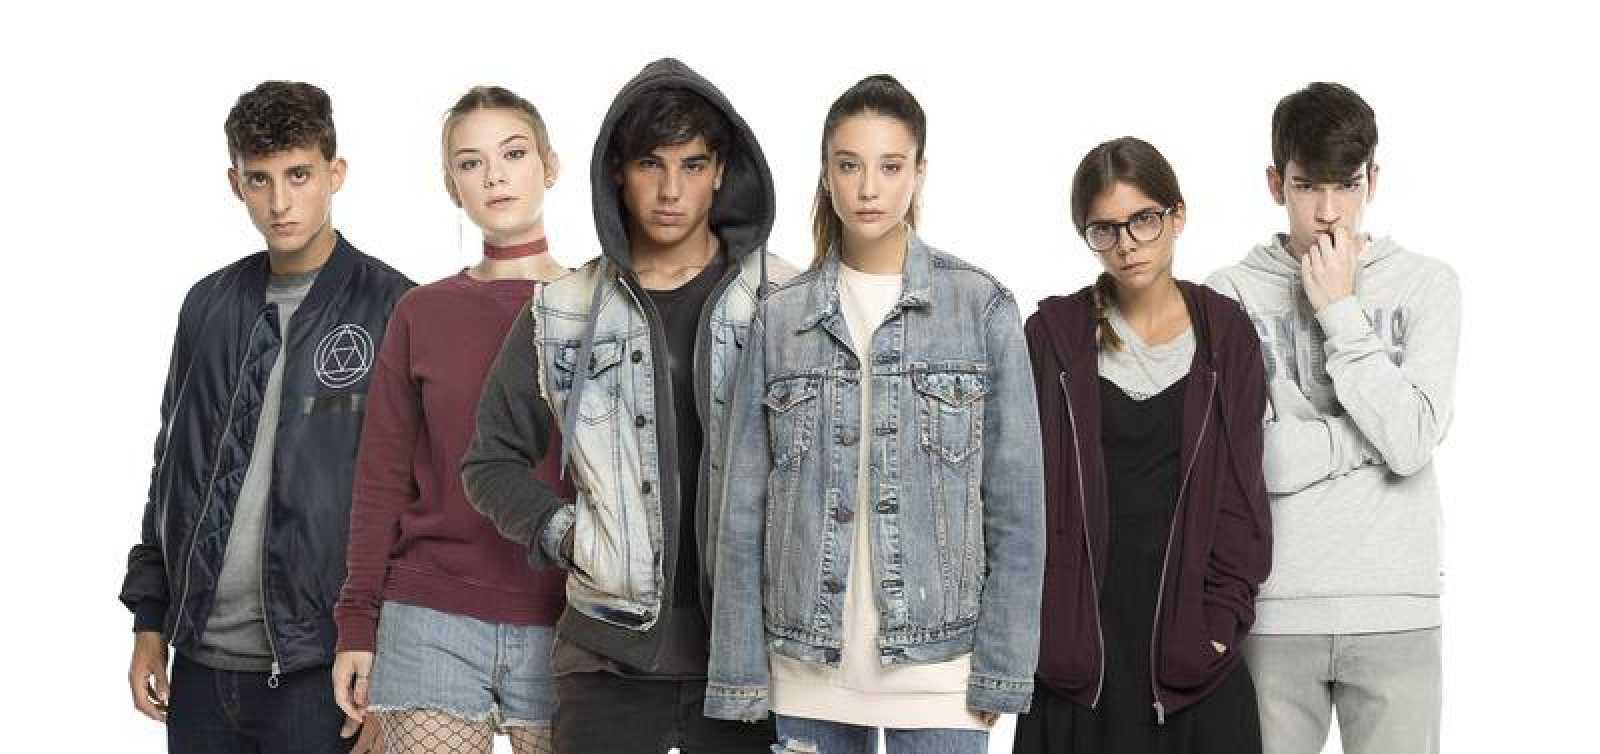 Daniel Ibáñez, Nerea Elizalde, Óscar Casas, María Pedraza, Lucía Diez y Jorge Motos, protagonizan 'Si fueras tú'